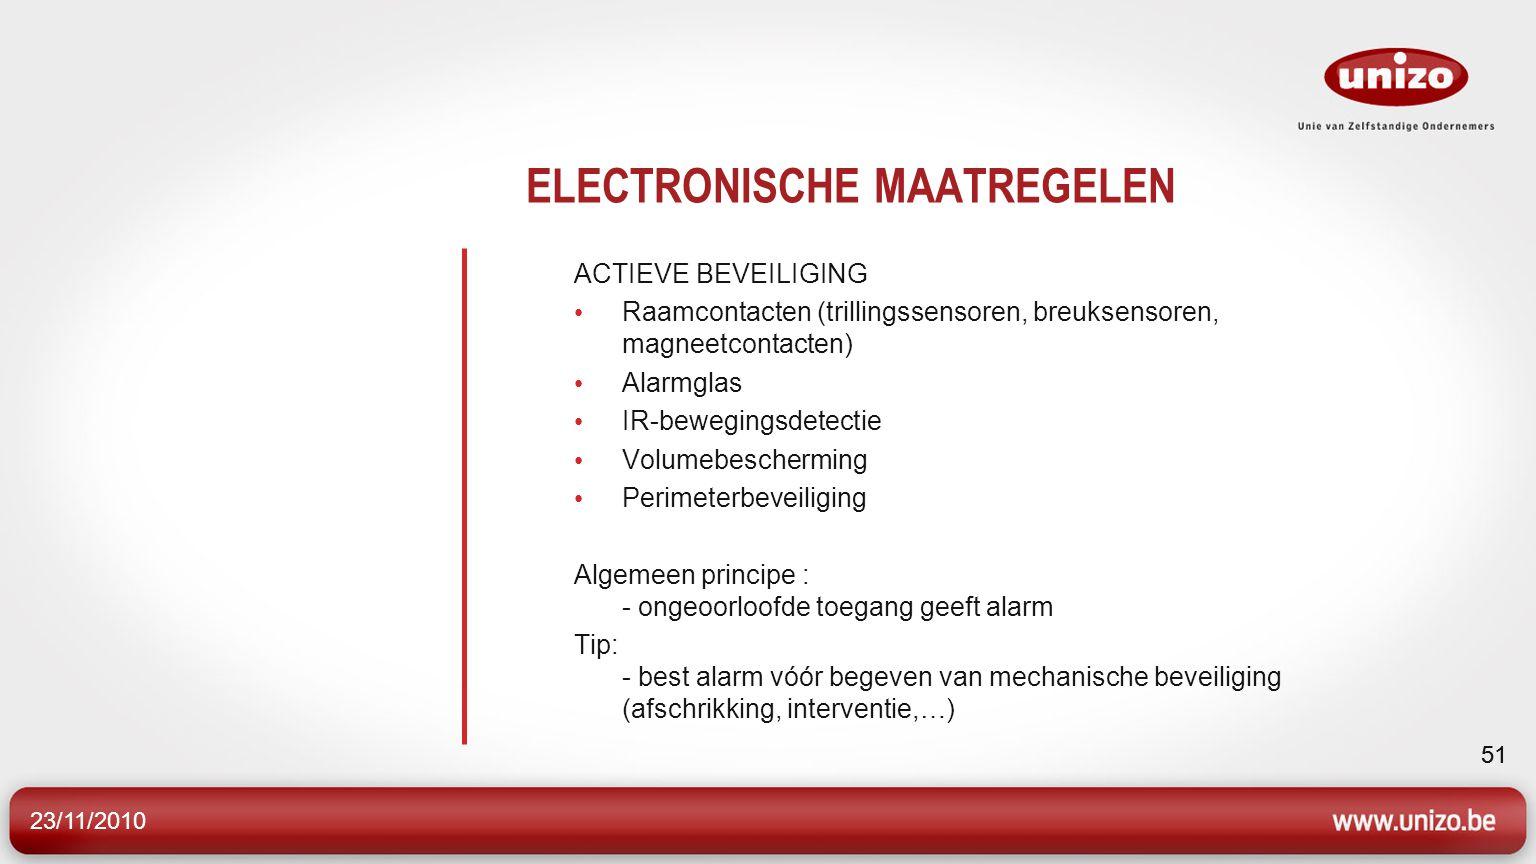 23/11/2010 51 ELECTRONISCHE MAATREGELEN ACTIEVE BEVEILIGING Raamcontacten (trillingssensoren, breuksensoren, magneetcontacten) Alarmglas IR-bewegingsd